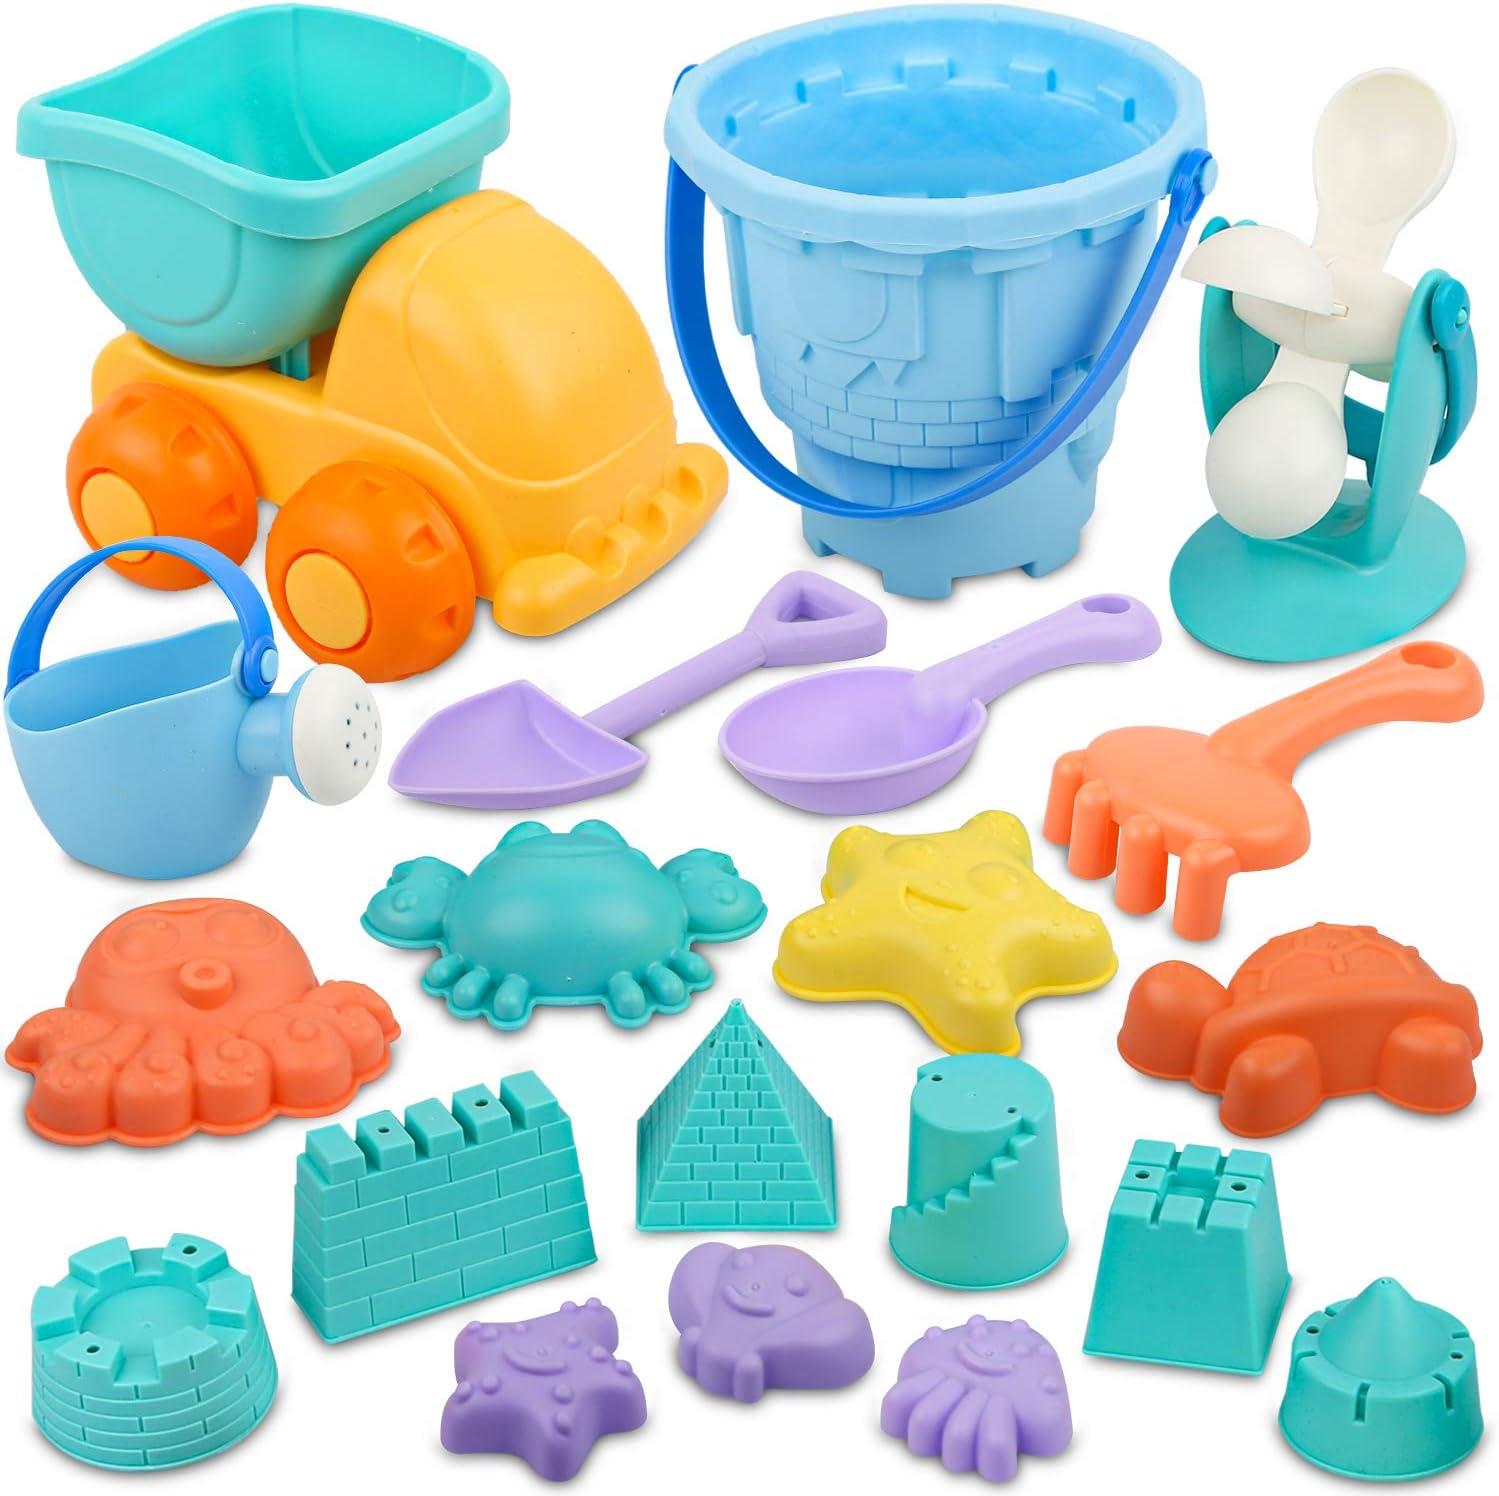 Dreamon Conjunto de Juguetes Playa Bebe Colores Moldes de Arena con Bolsa para Niños 3 Años, 20 Piezas